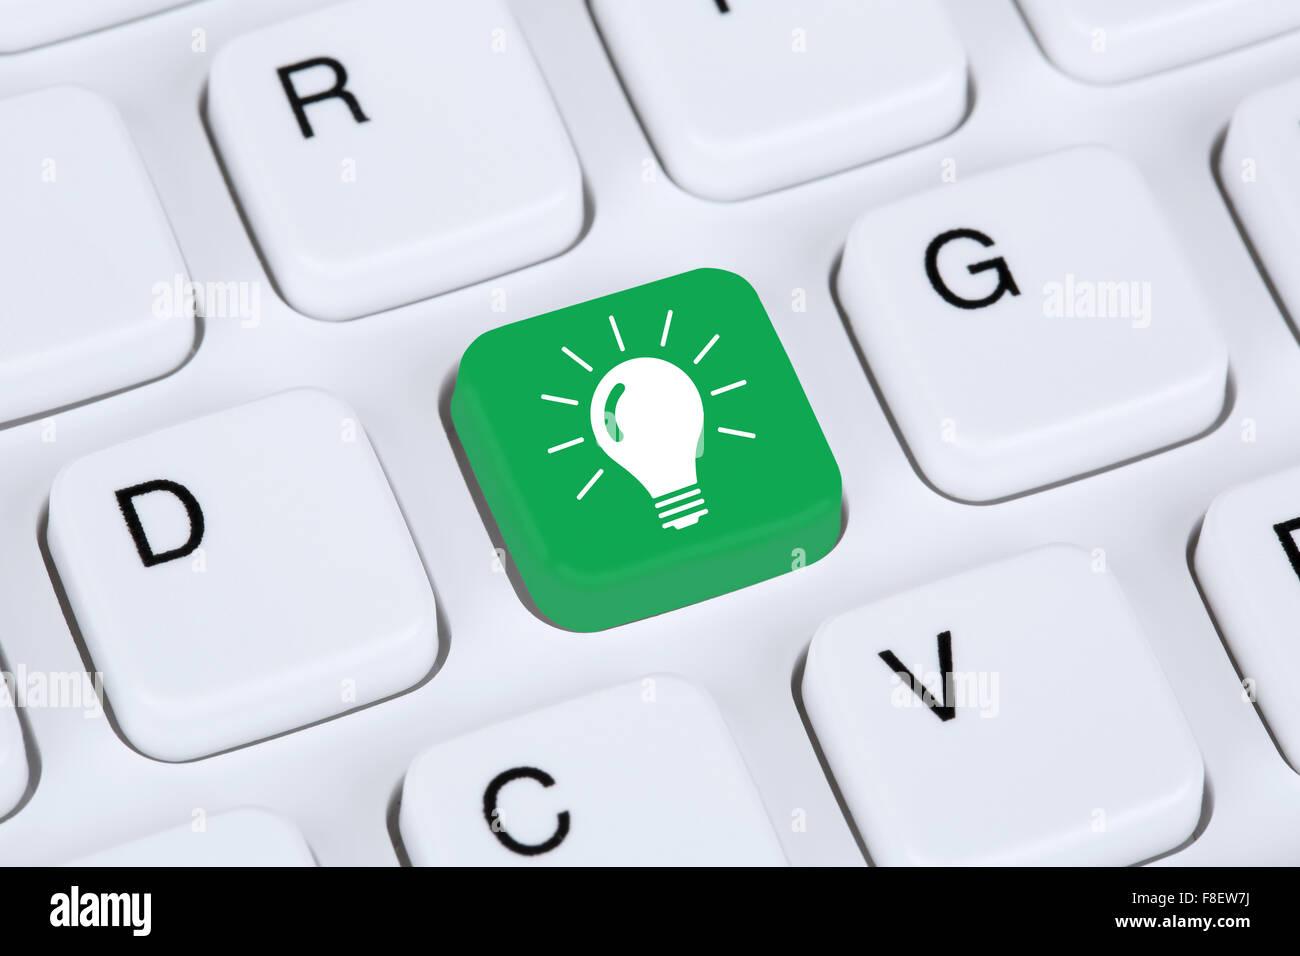 Idee Lösung Glühbirne Erfolg Erfolgskonzept auf Computer mit Internetzugang Stockbild